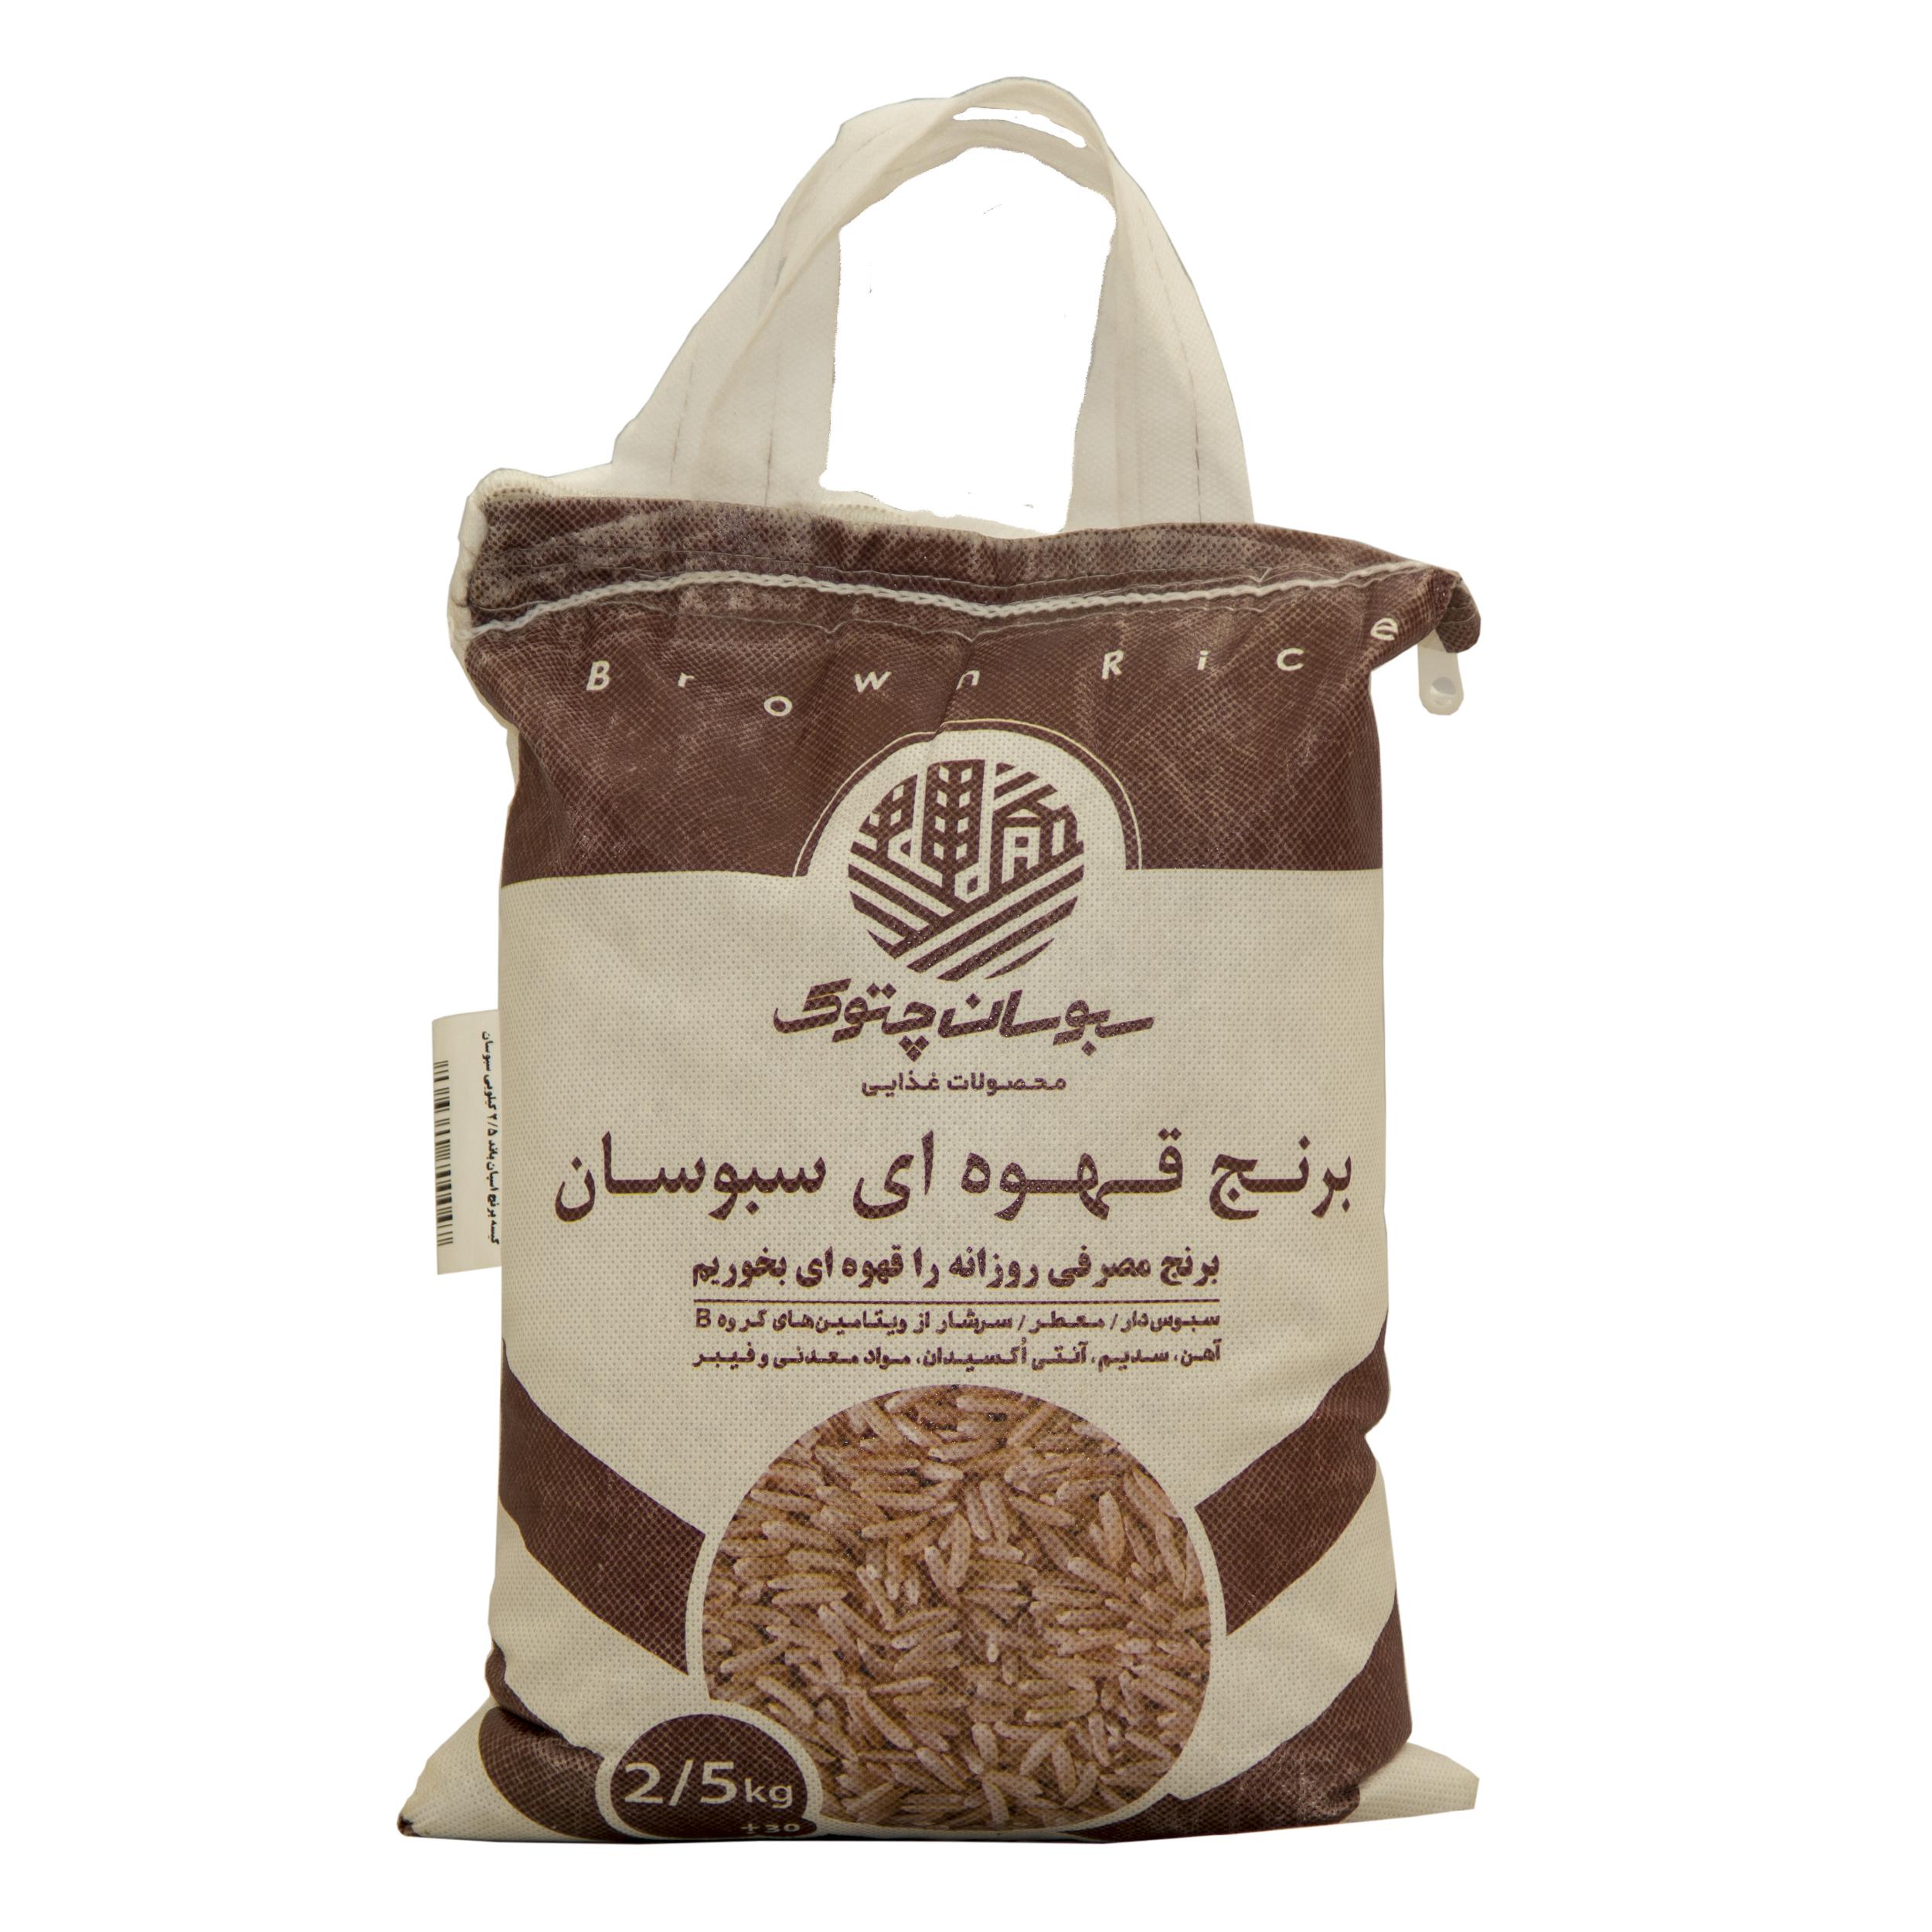 برنج قهوه ای سبوسان چتوک-2.5 کیلو گرم